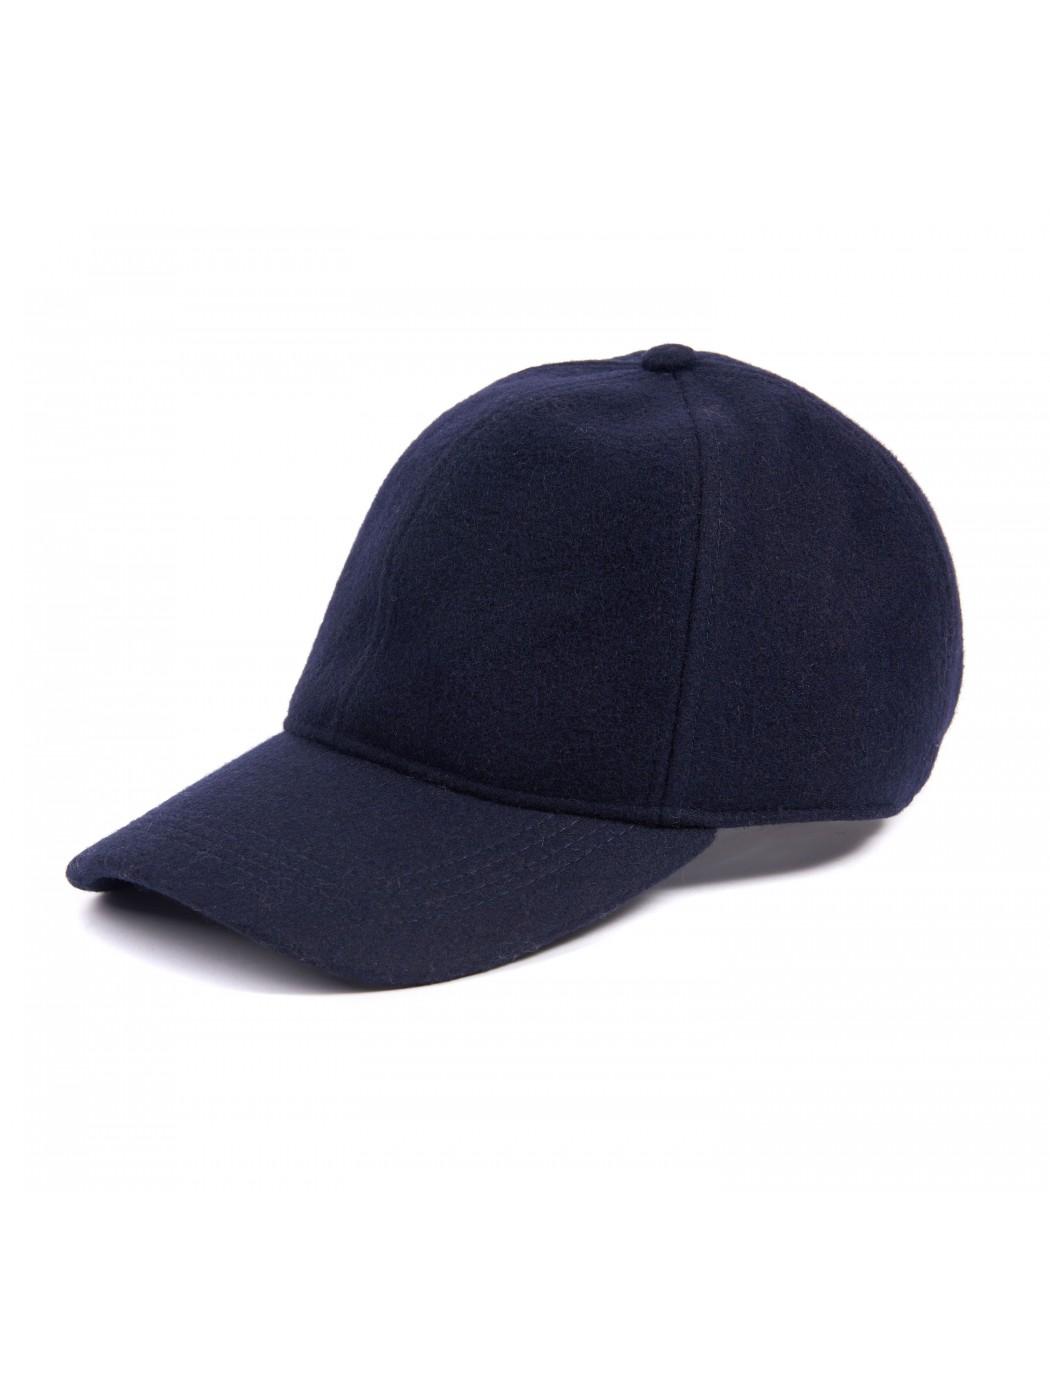 COOPWORTH SPORT CAP BARBOUR MHA0444 NY91